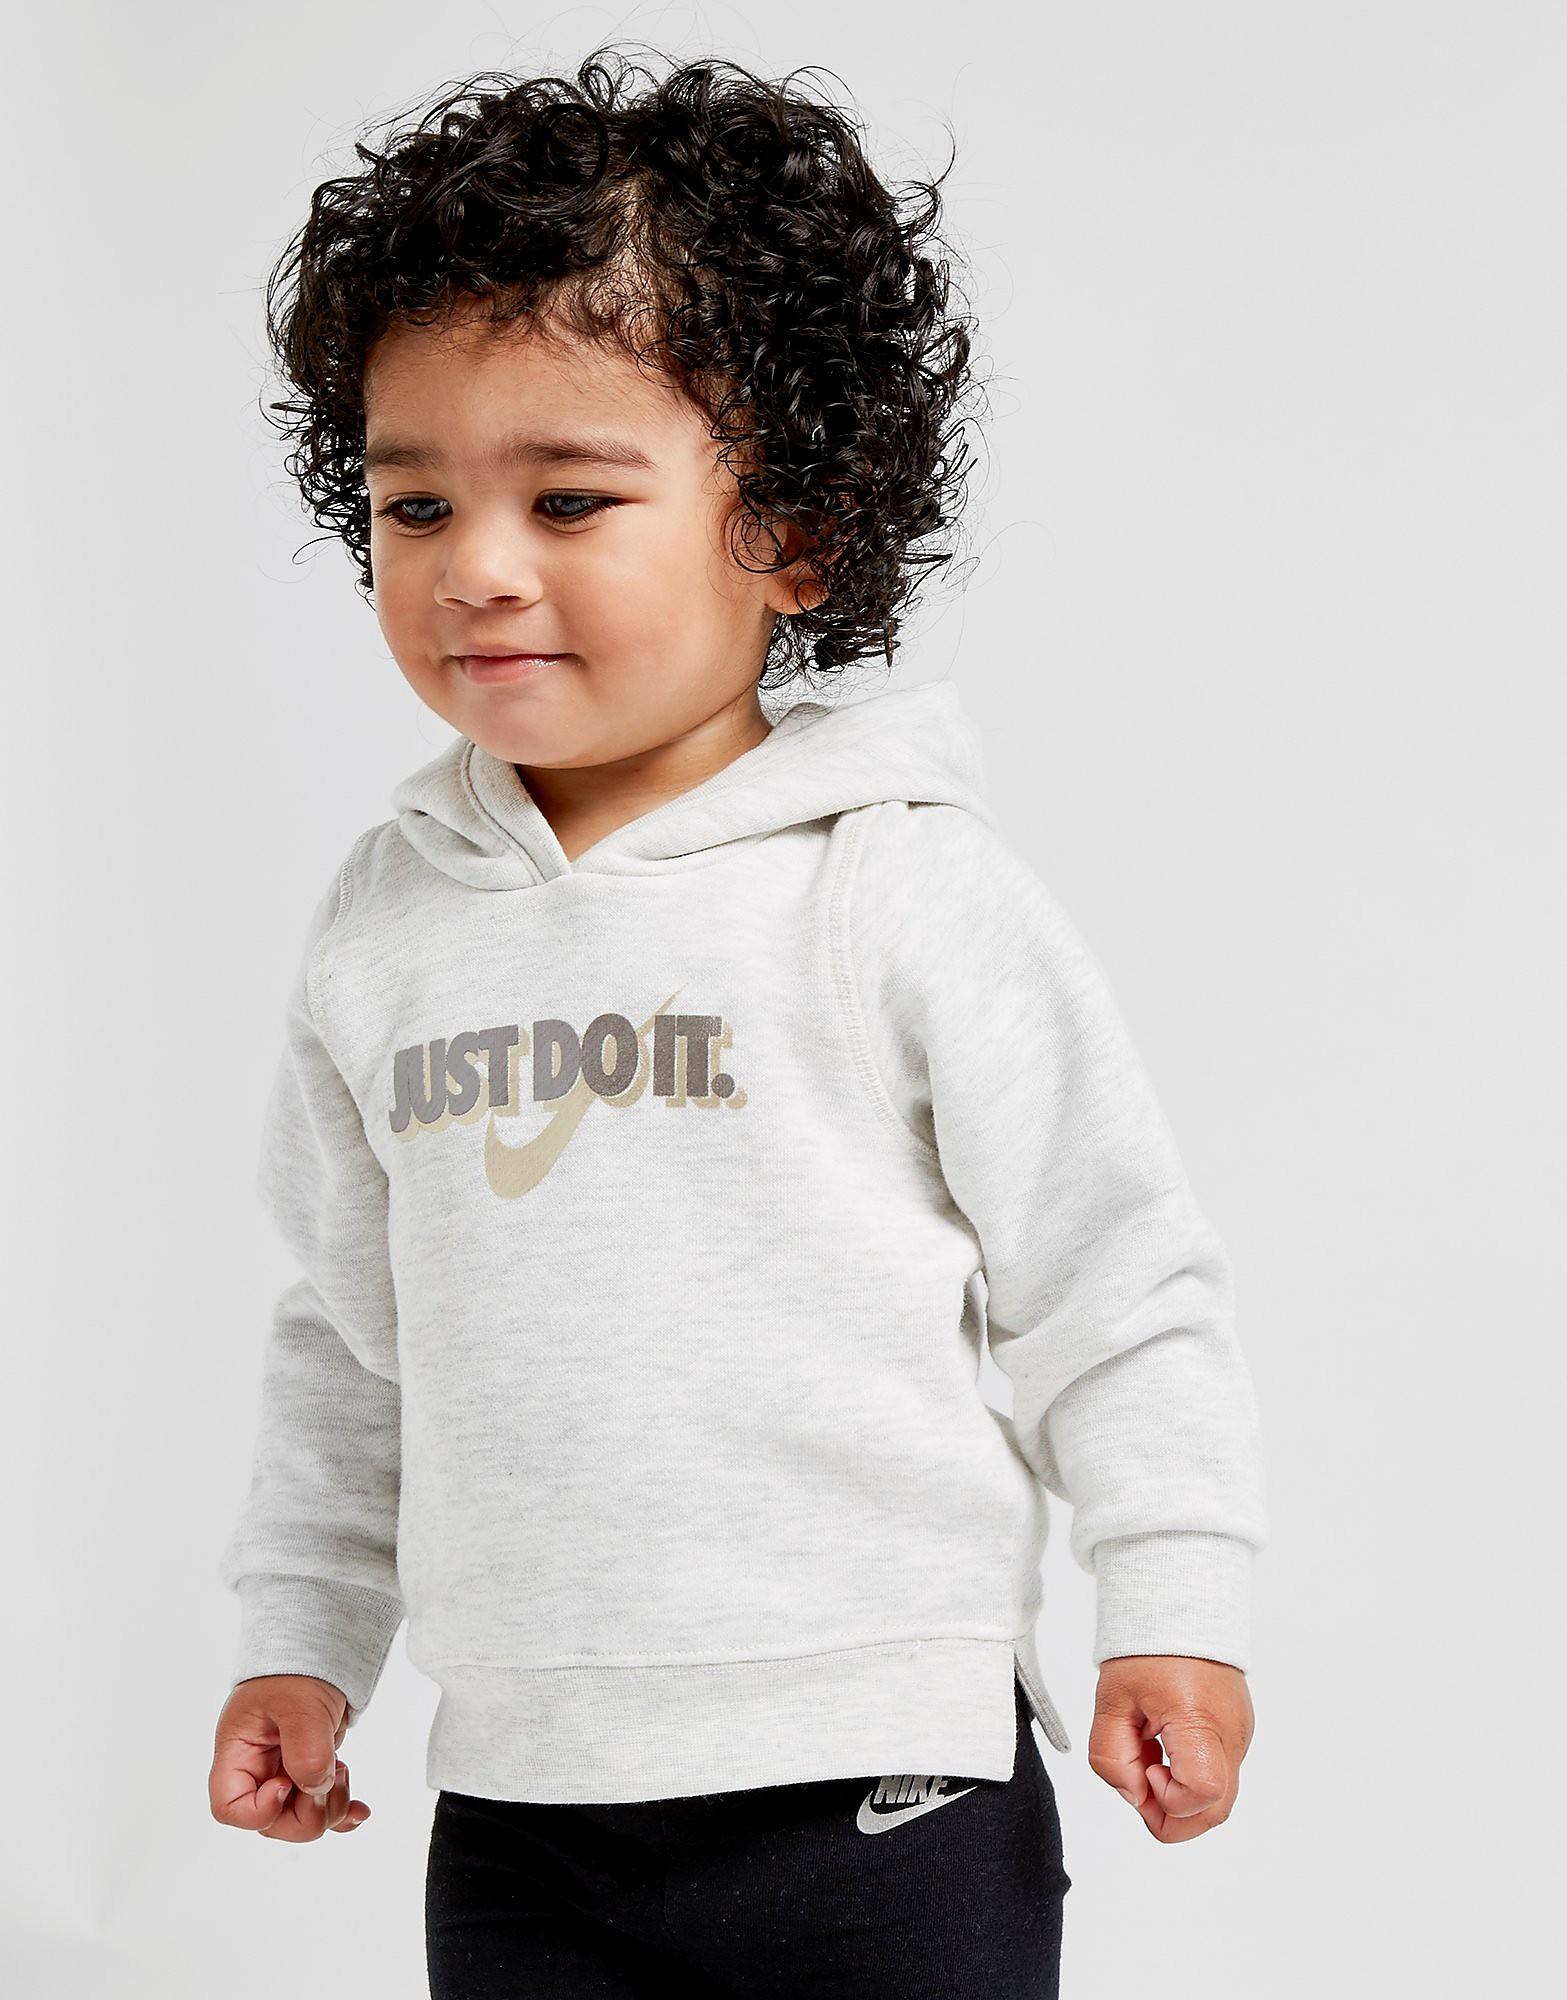 Nike Girls' Just Do It Hoodie/Leggings Set Baby's